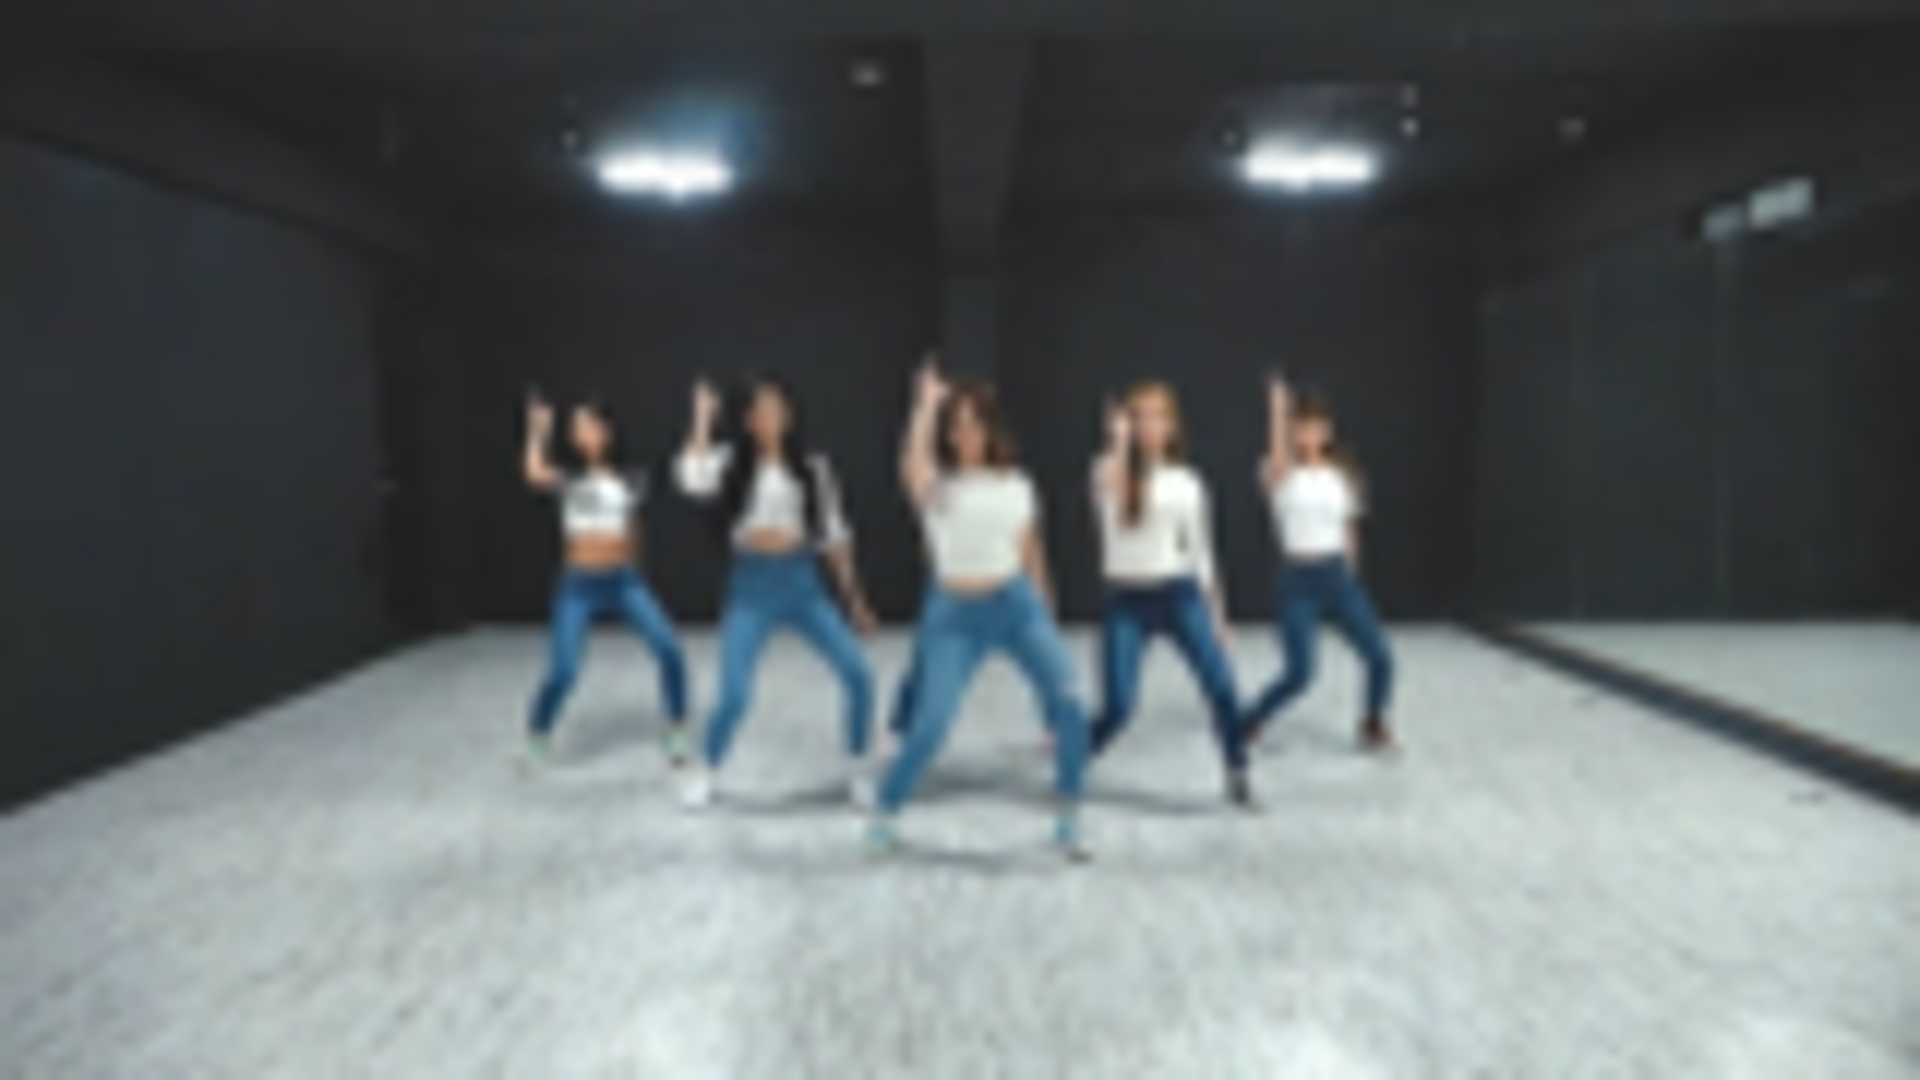 【莫笑中字】白色上衣搭配蓝色牛仔裤!MOMOLAND-Thumbs Up 舞蹈练习室